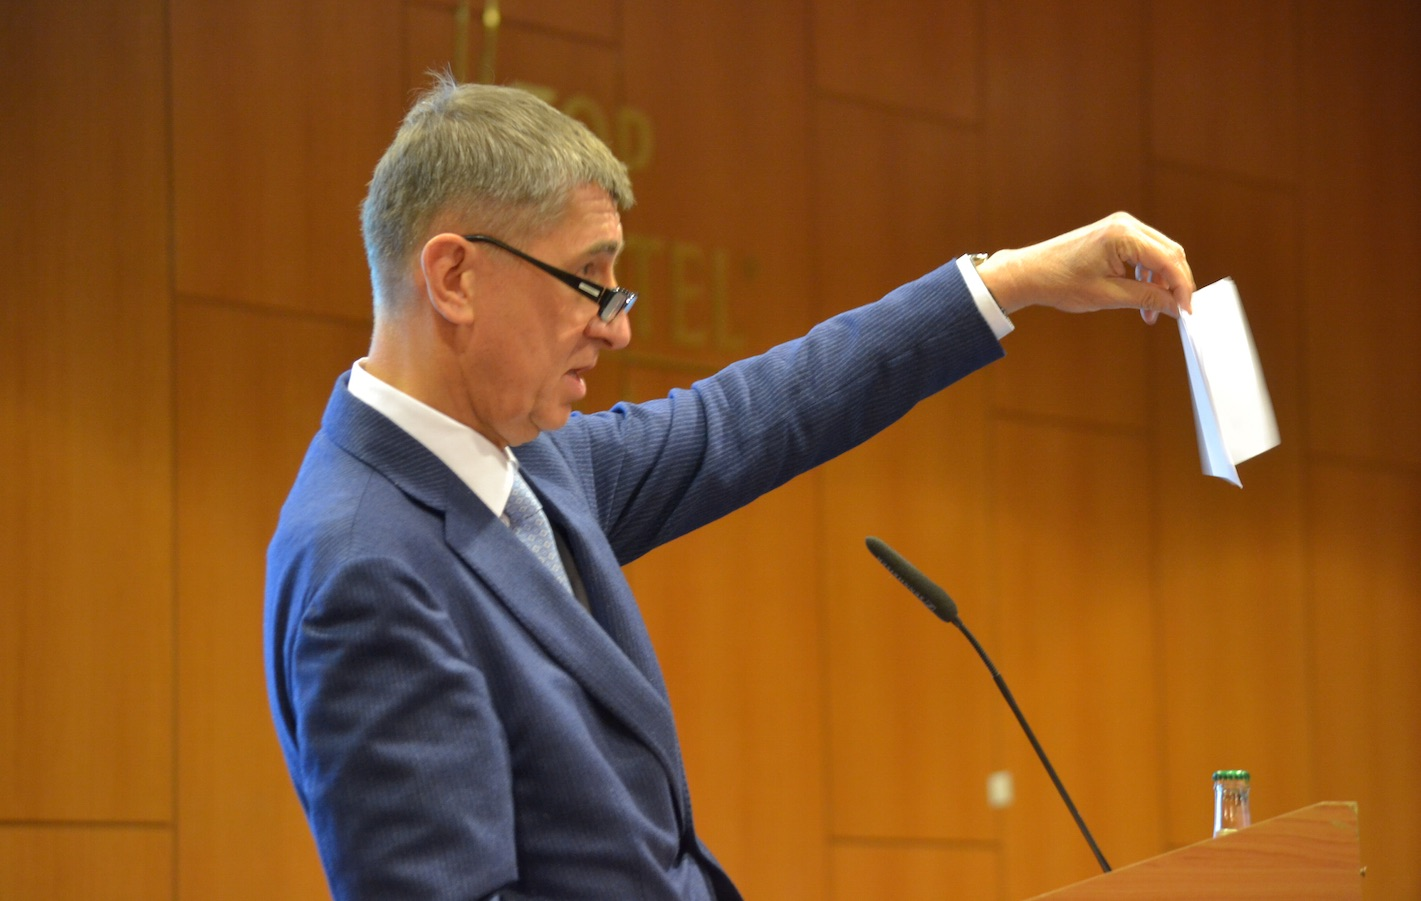 Vláda Andreje Babiše podcenila podíl investic ve státním rozpočtu, autor: Wikipedia commons